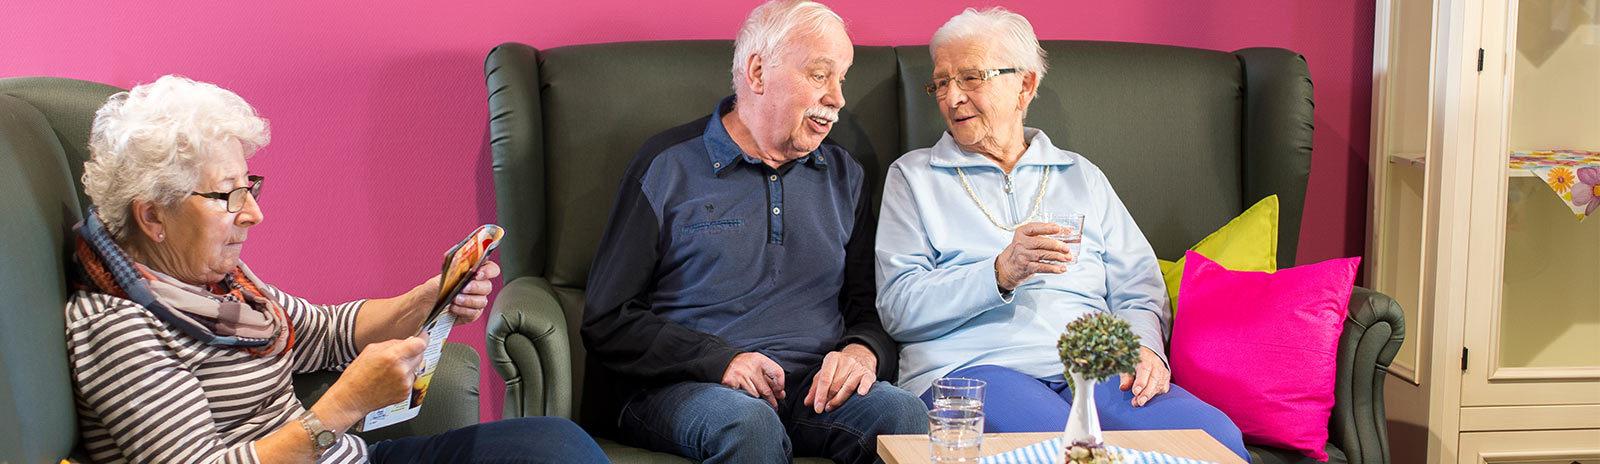 seniorenwohngemeinschaft lahr